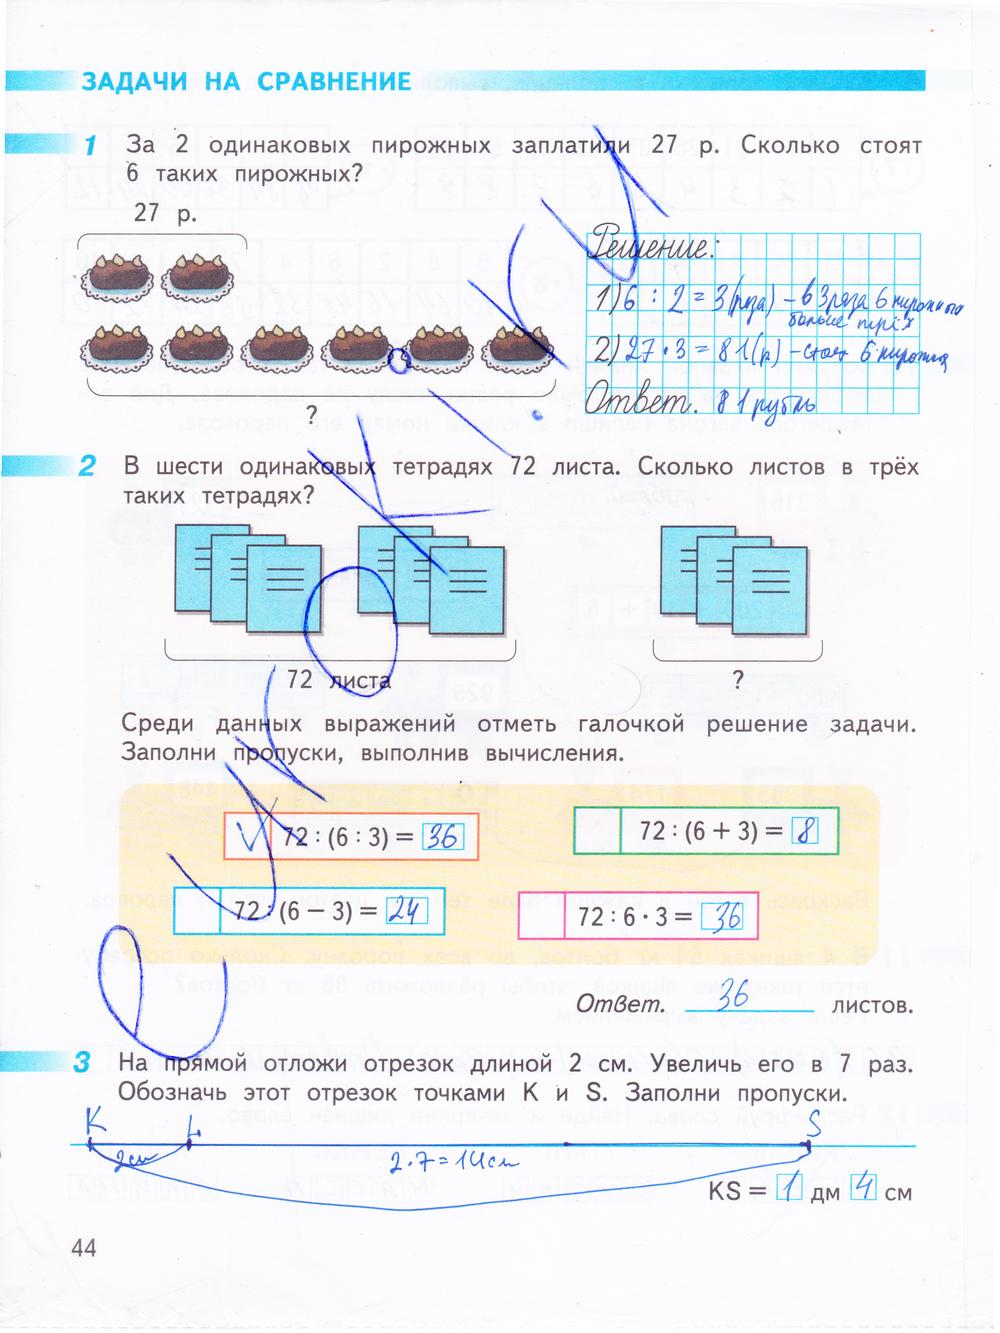 гдз по математике 3 класса бука рабочая тетрадь